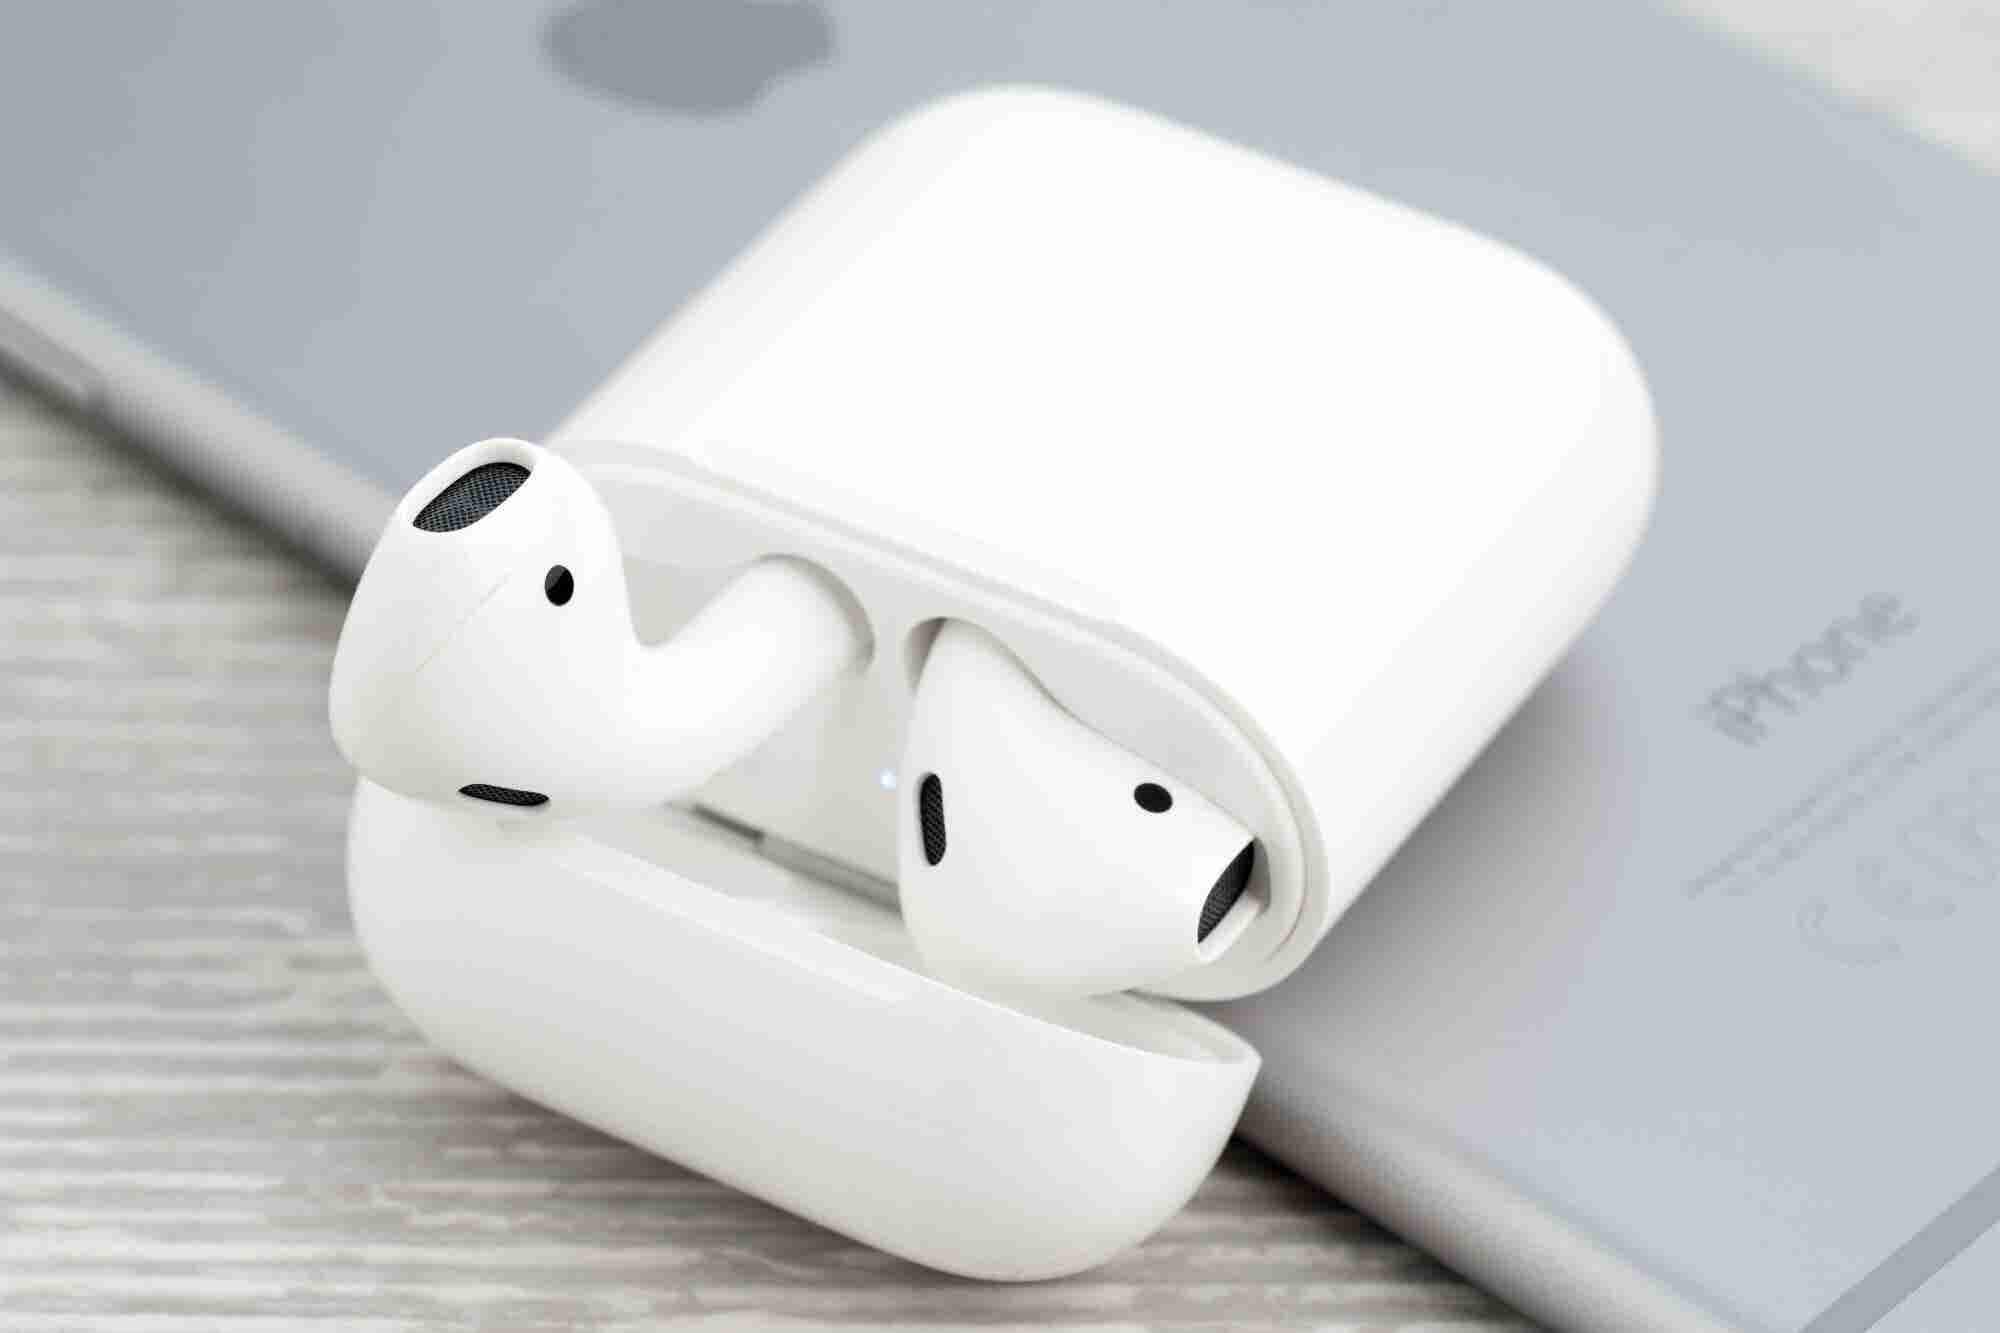 Científicos dicen que los AirPods de Apple podrían causar cáncer